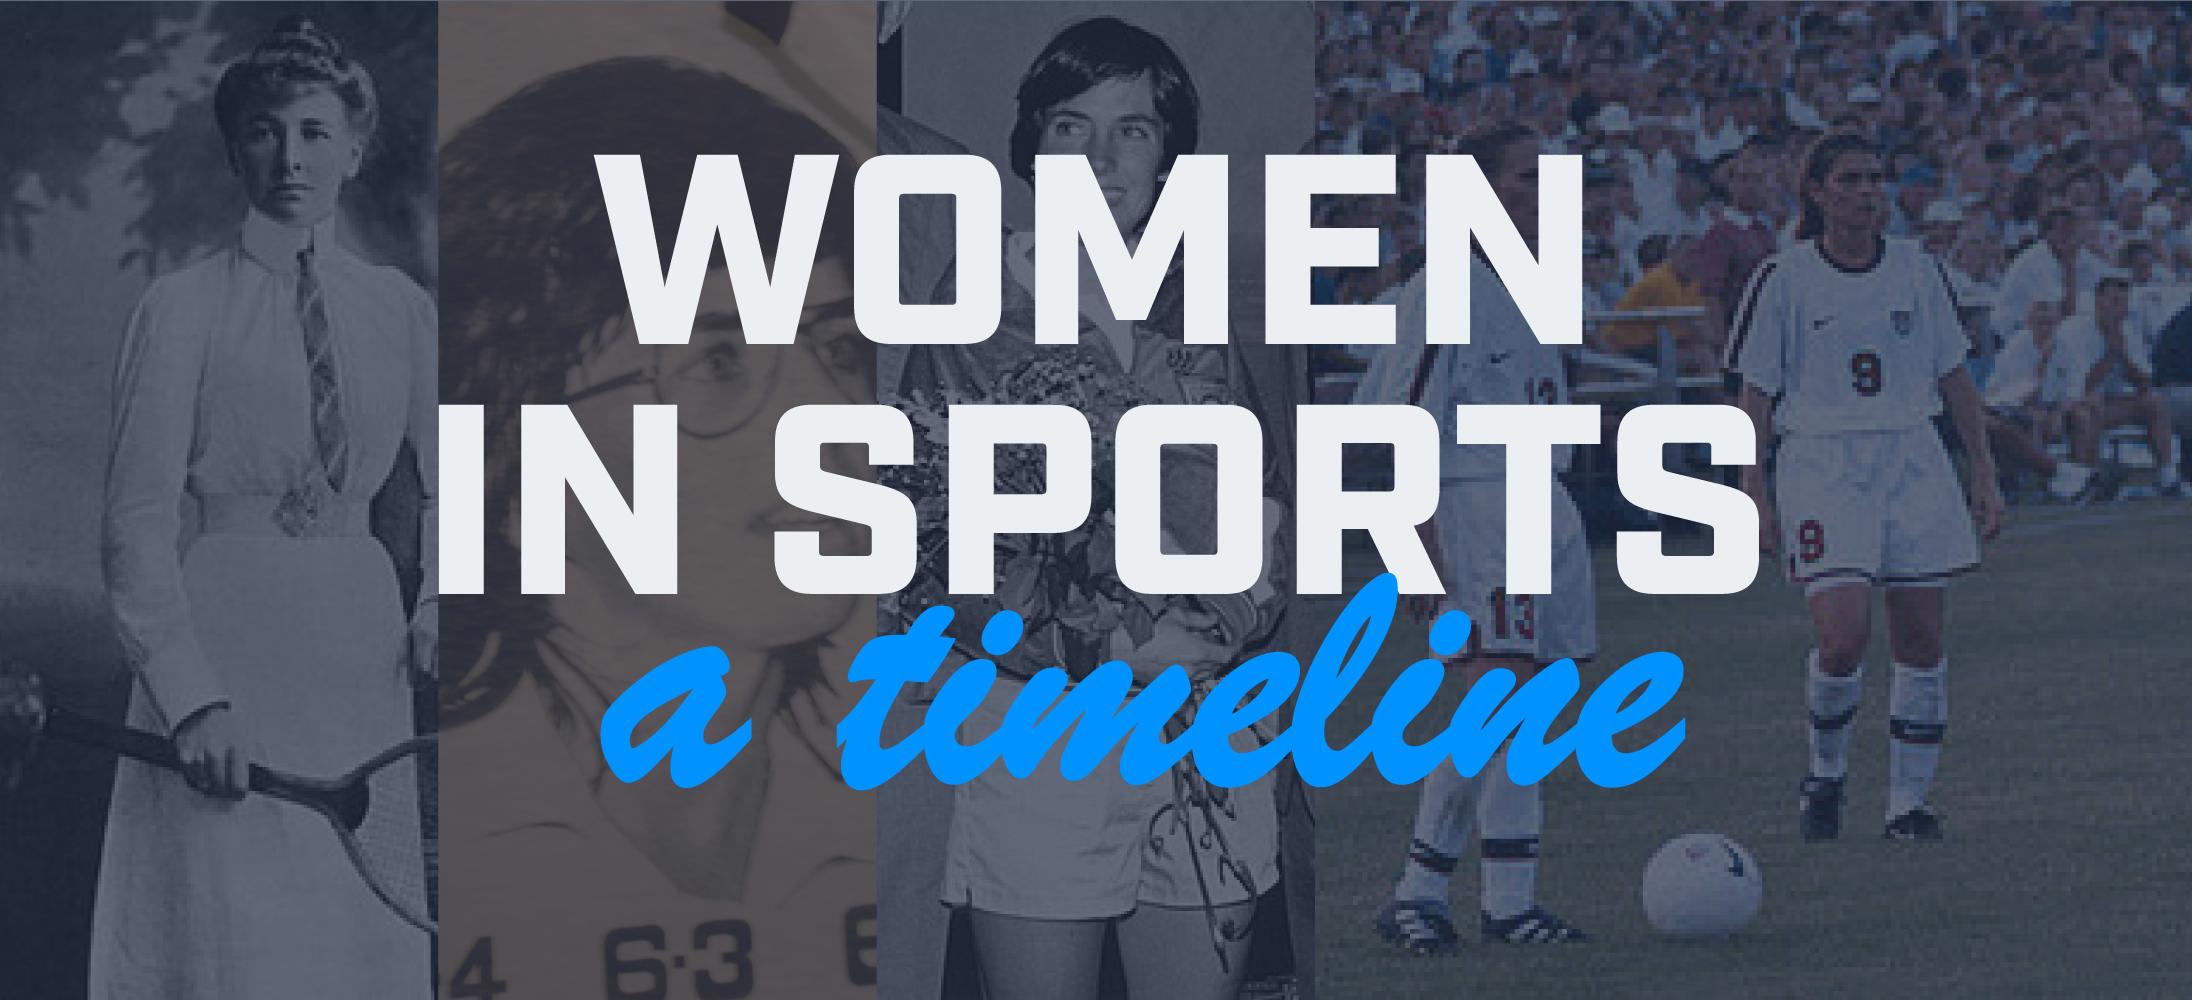 Women in Sports - A Timeline